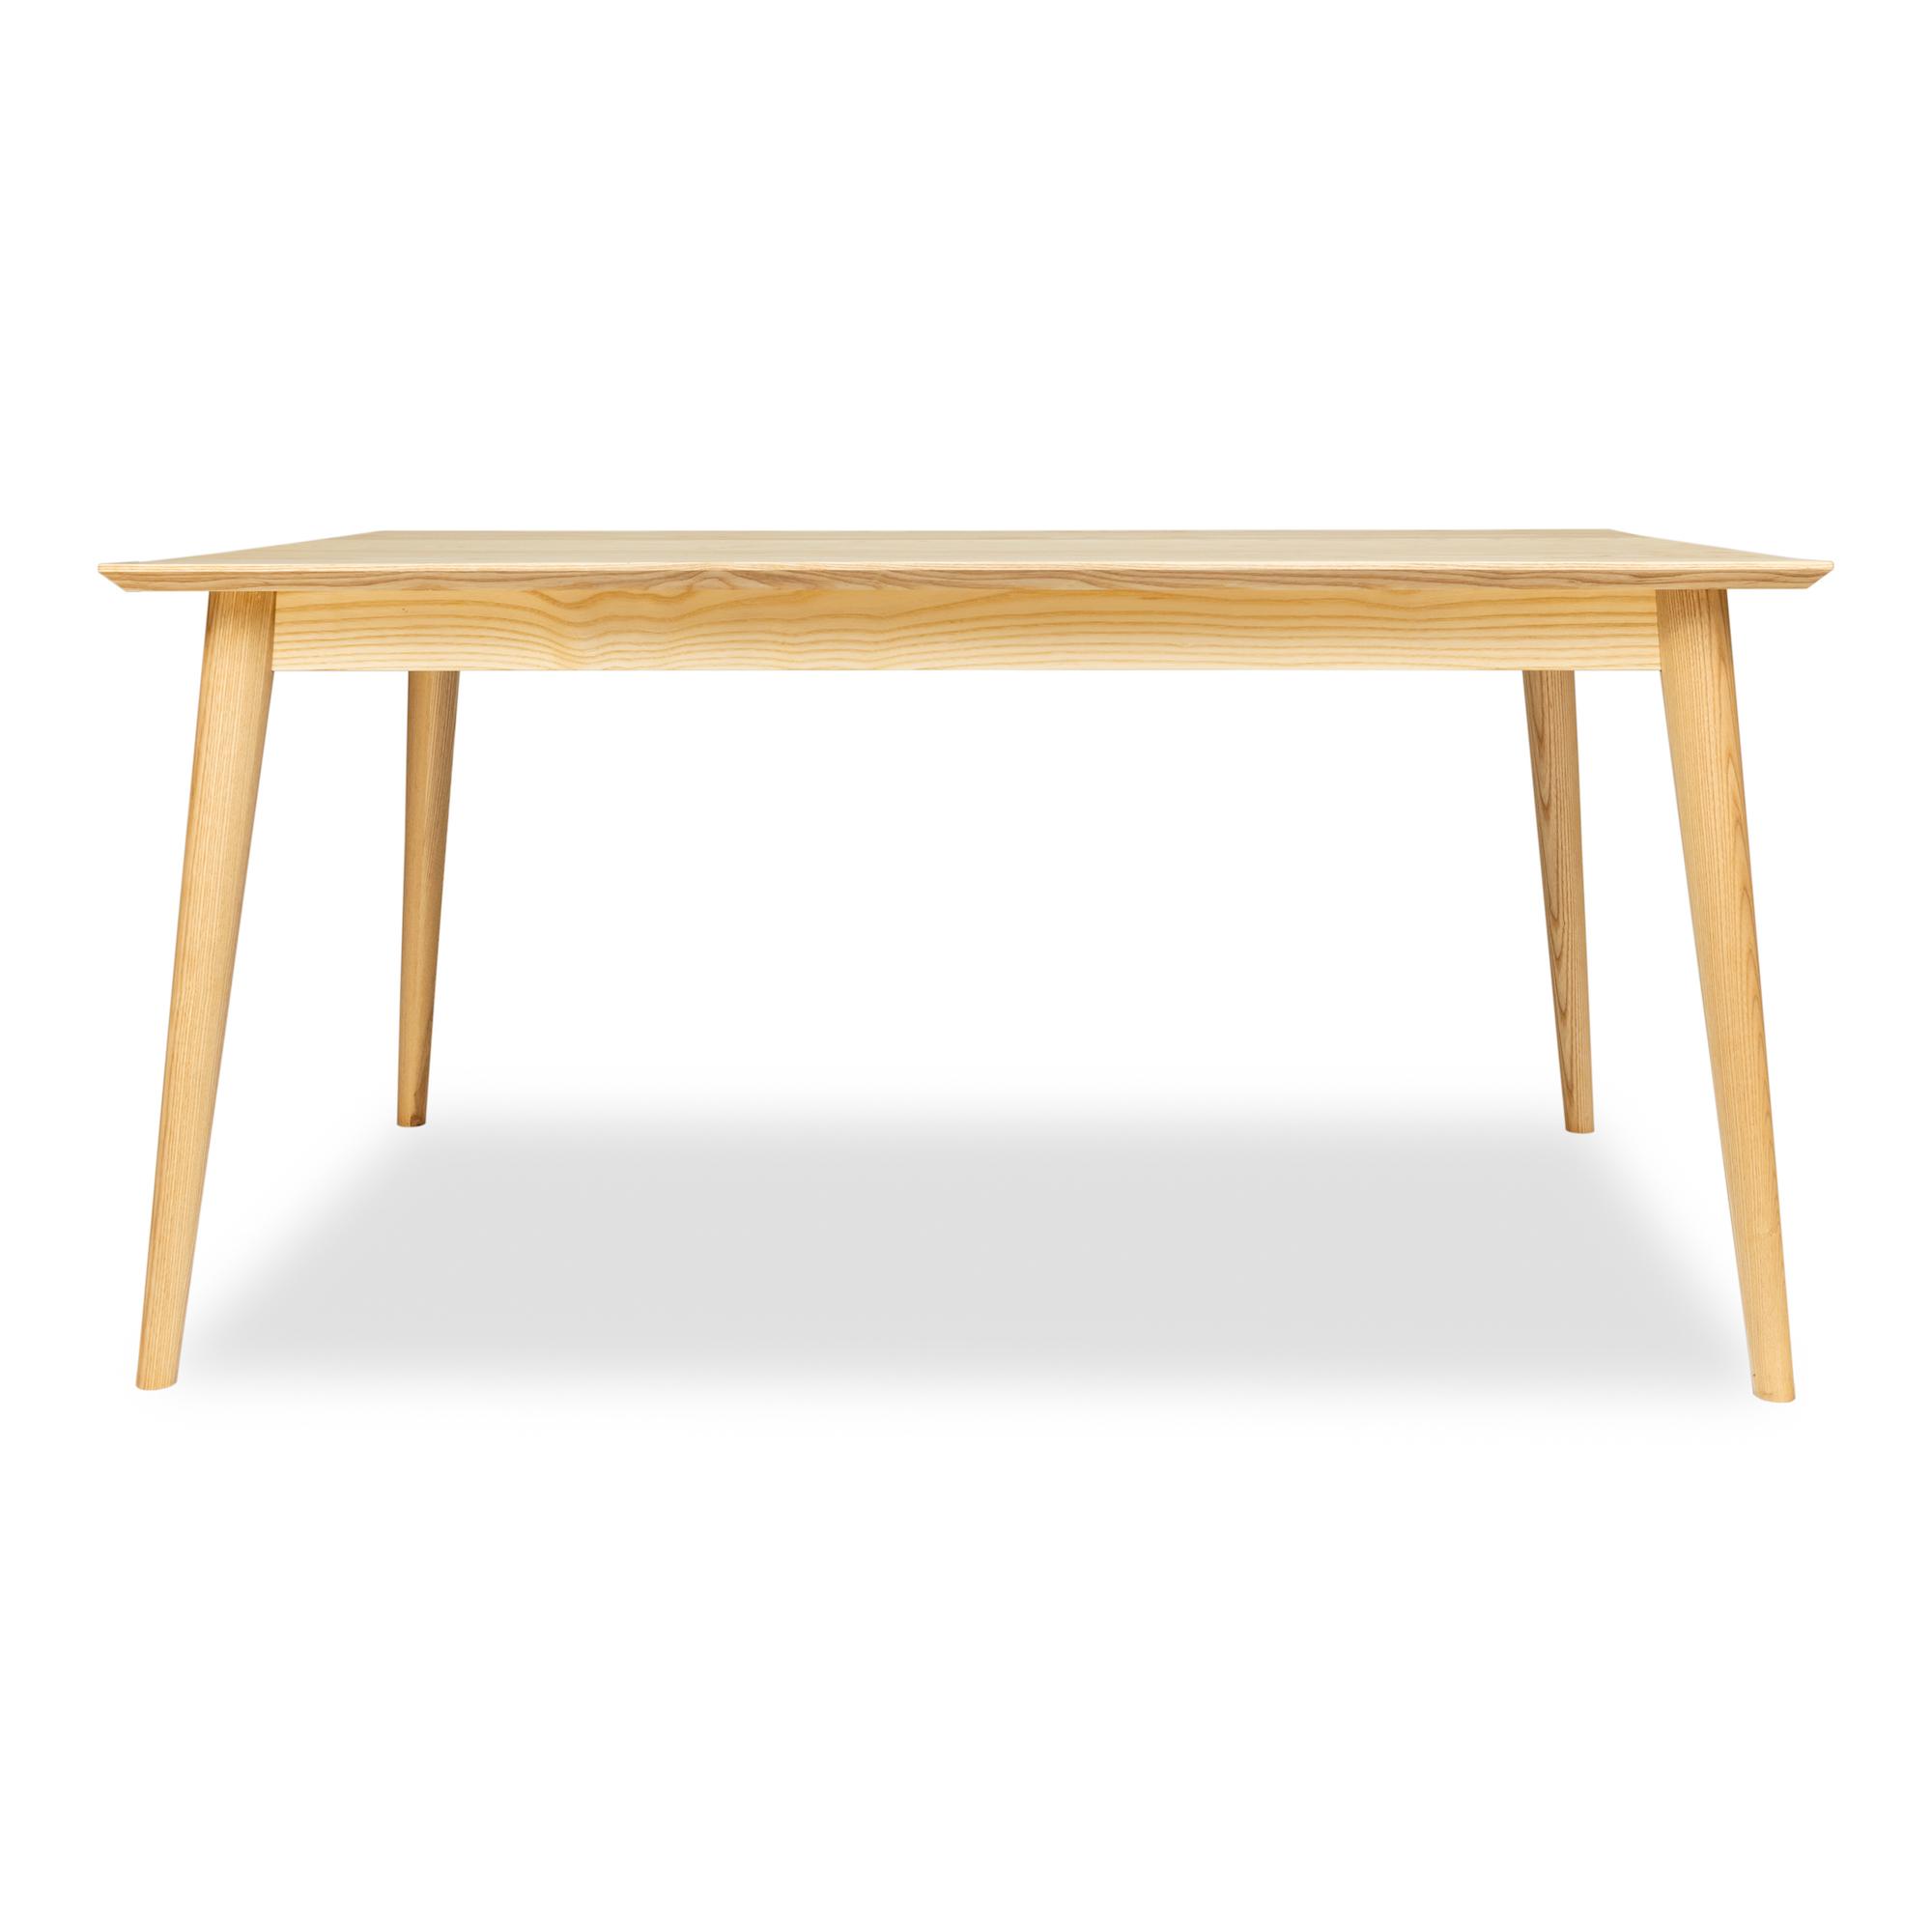 Woodcraft_Furniture_NorwayTable-2-2-1.jpg